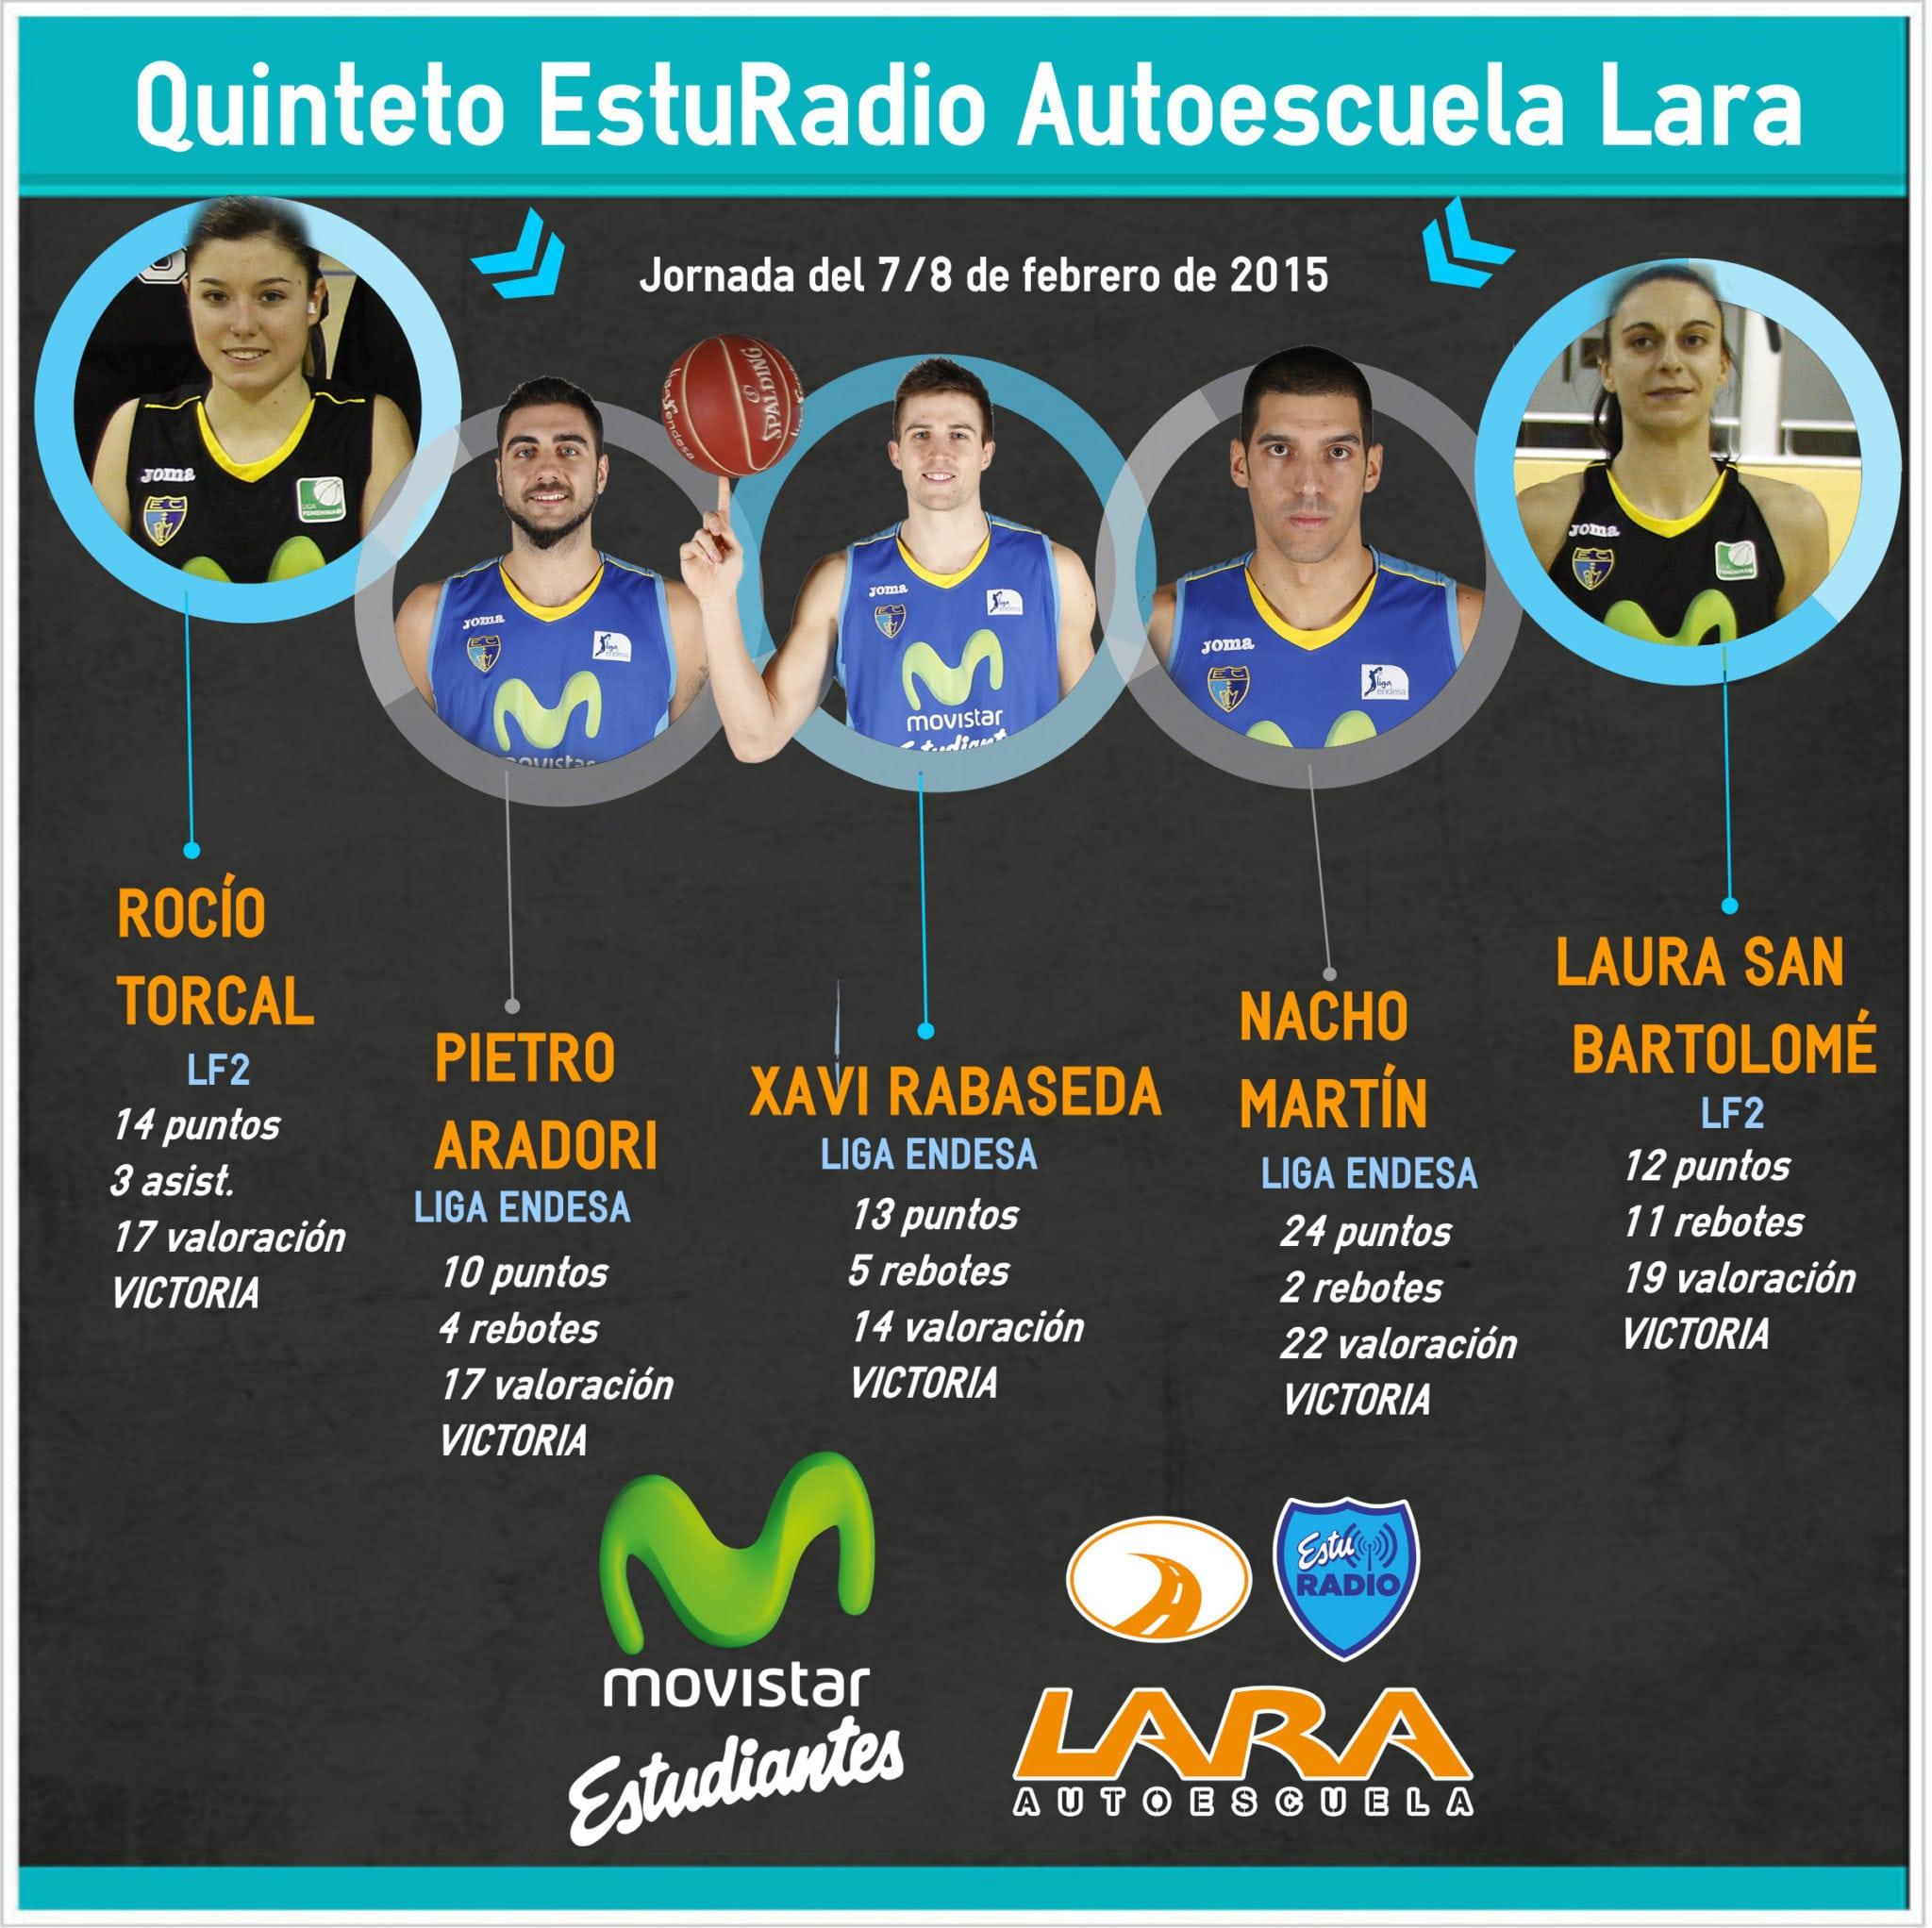 12º Quinteto Autoescuela Lara EstuRadio: Rocío Torcal, Pietro Aradori, Xavi Rabaseda, Nacho Martín y Laura San Bartolomé